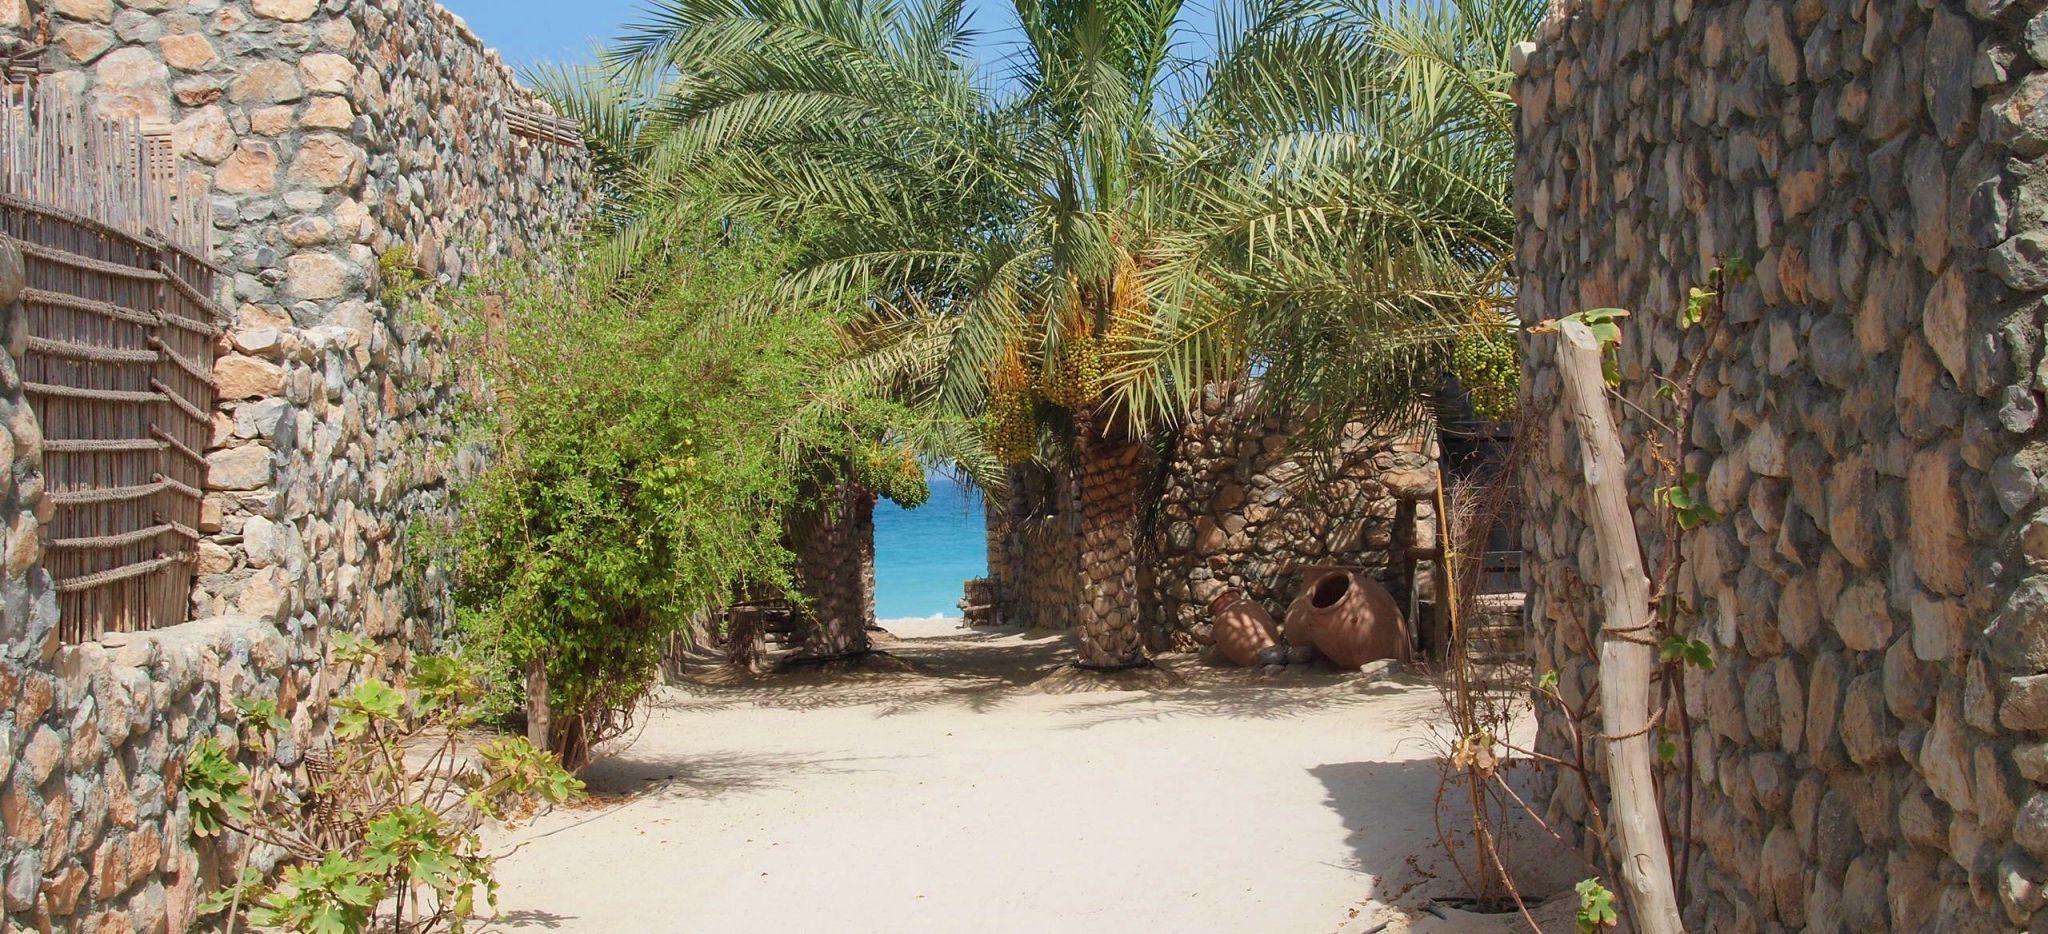 """Weg zwischen steinernen Häusern am Strand im Hotel """"Six Senses Zighy Bay"""" im Oman"""